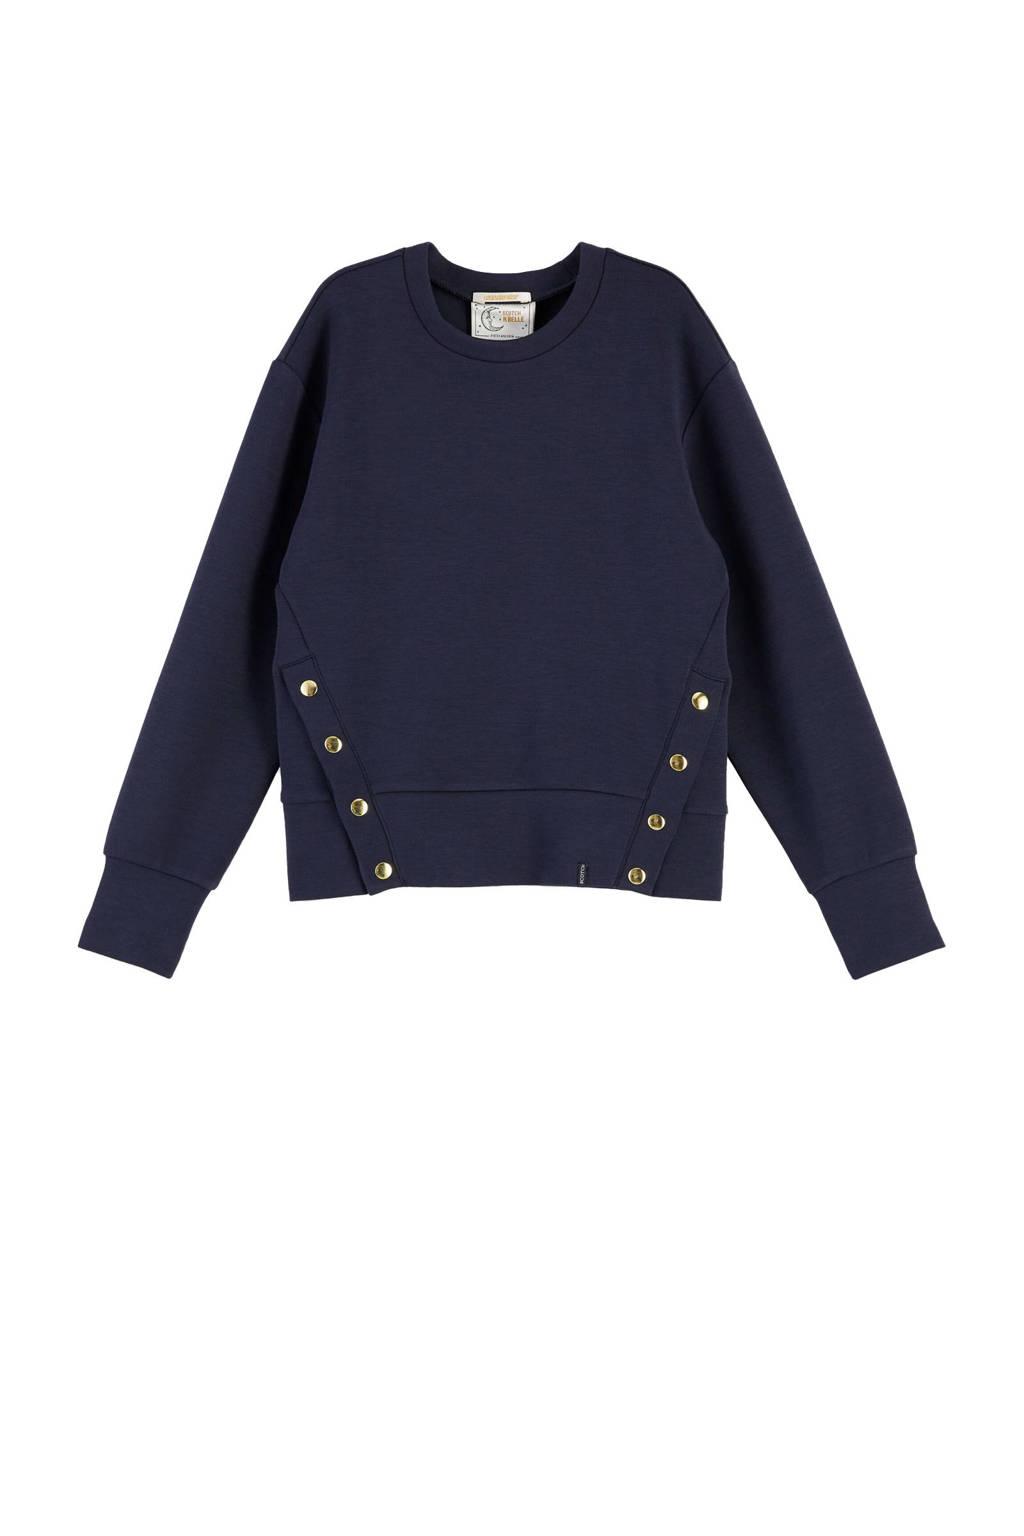 Scotch & Soda sweater donkerblauw, Donkerblauw